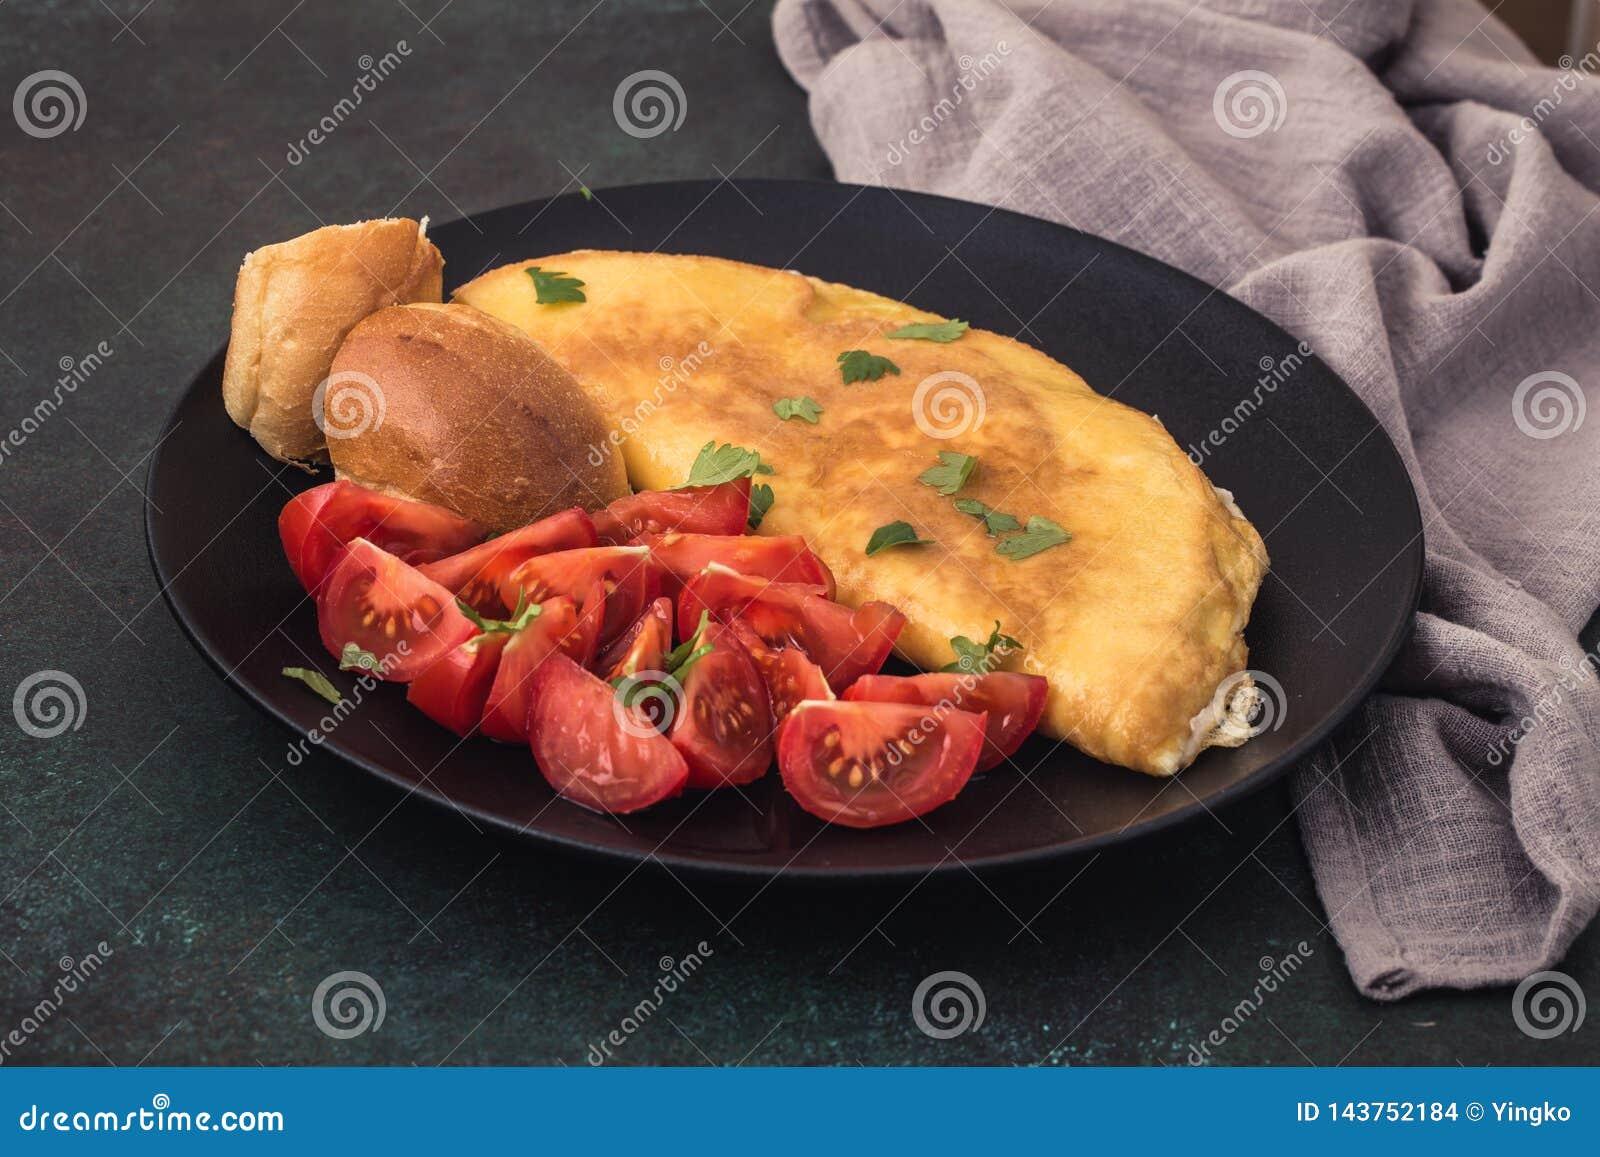 Omelette française avec des tomates